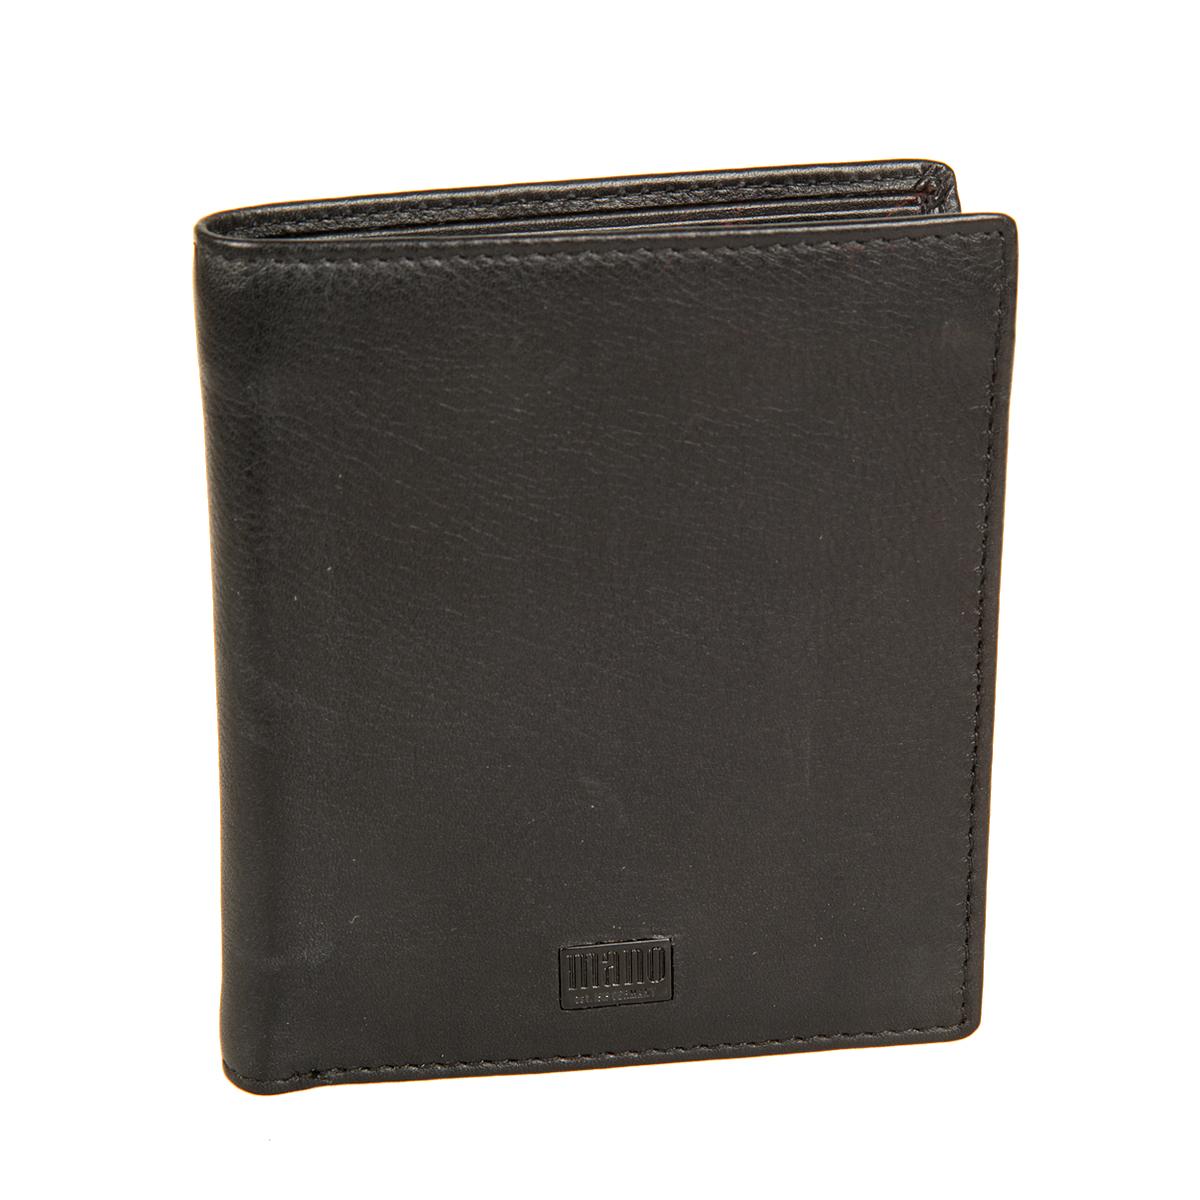 Портмоне мужское Mano, цвет: черный. 1910619106 tabula blackСтильное мужское портмоне Mano выполнен из натуральной кожи, оформлено не большой металлической пластинкой с логотипом бренда. Внутри - два отделения для купюр, карман для мелочи с клапаном на кнопке, два потайных кармана, карман с сетчатой вставкой и пять отделений для пластиковых и визитных карт. Портмоне Mano станет яркой деталью, которая выгодно подчеркнет ваш стильный неповторимый образ. Портмоне упаковано в фирменную коробку с логотипом бренда.